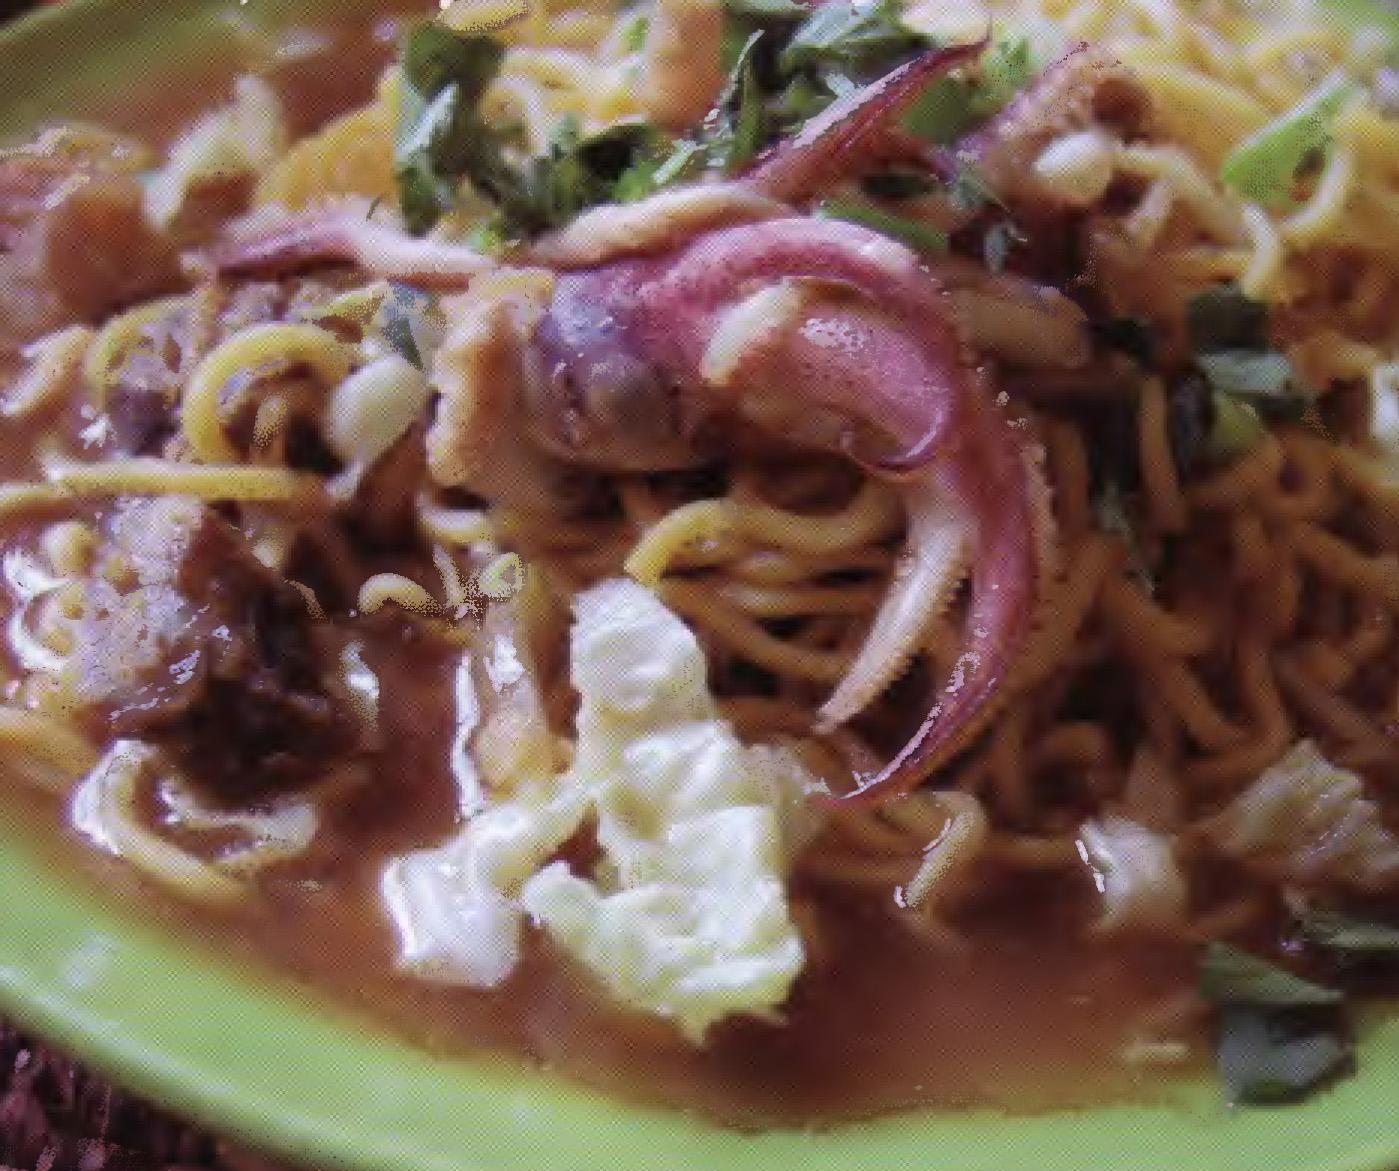 resep-mie-goreng-kuah-seafood